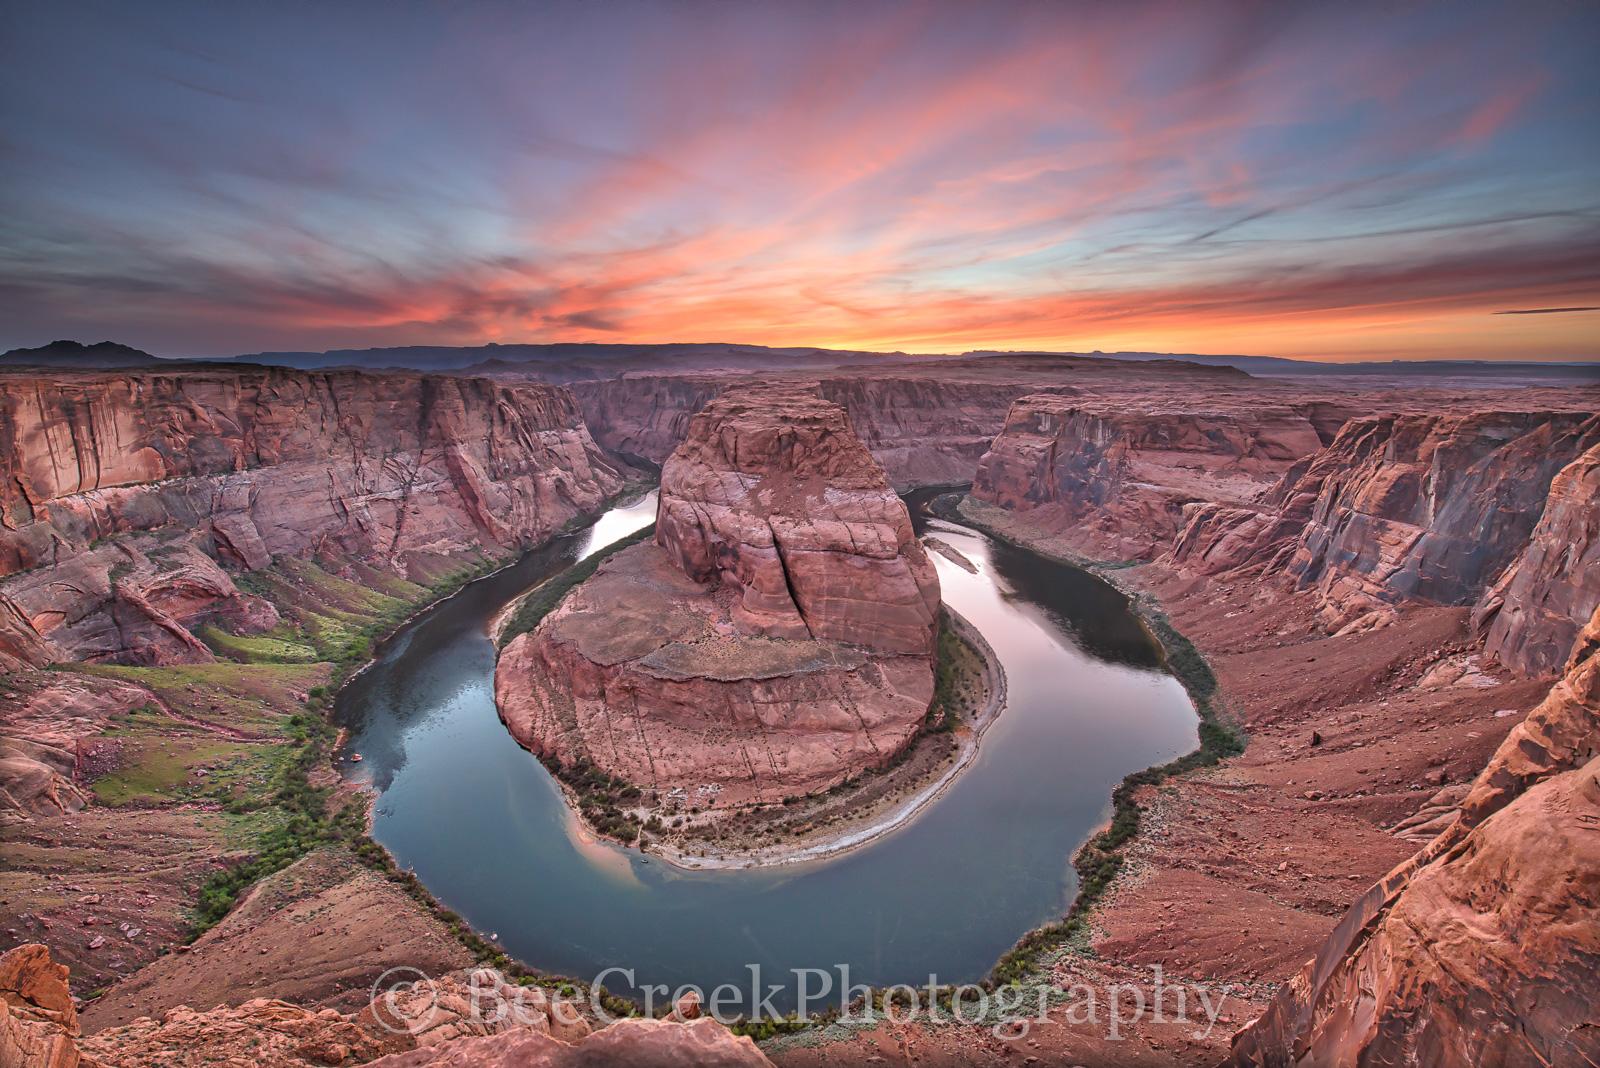 AZ, Arizona, Horseshoe bend, Page AZ, Peter lik, River, beautiful landscape, best selling photos, colorado, desert scenery, desert southwest, geologic landscape, geology, granite, images of Horseshoe , photo